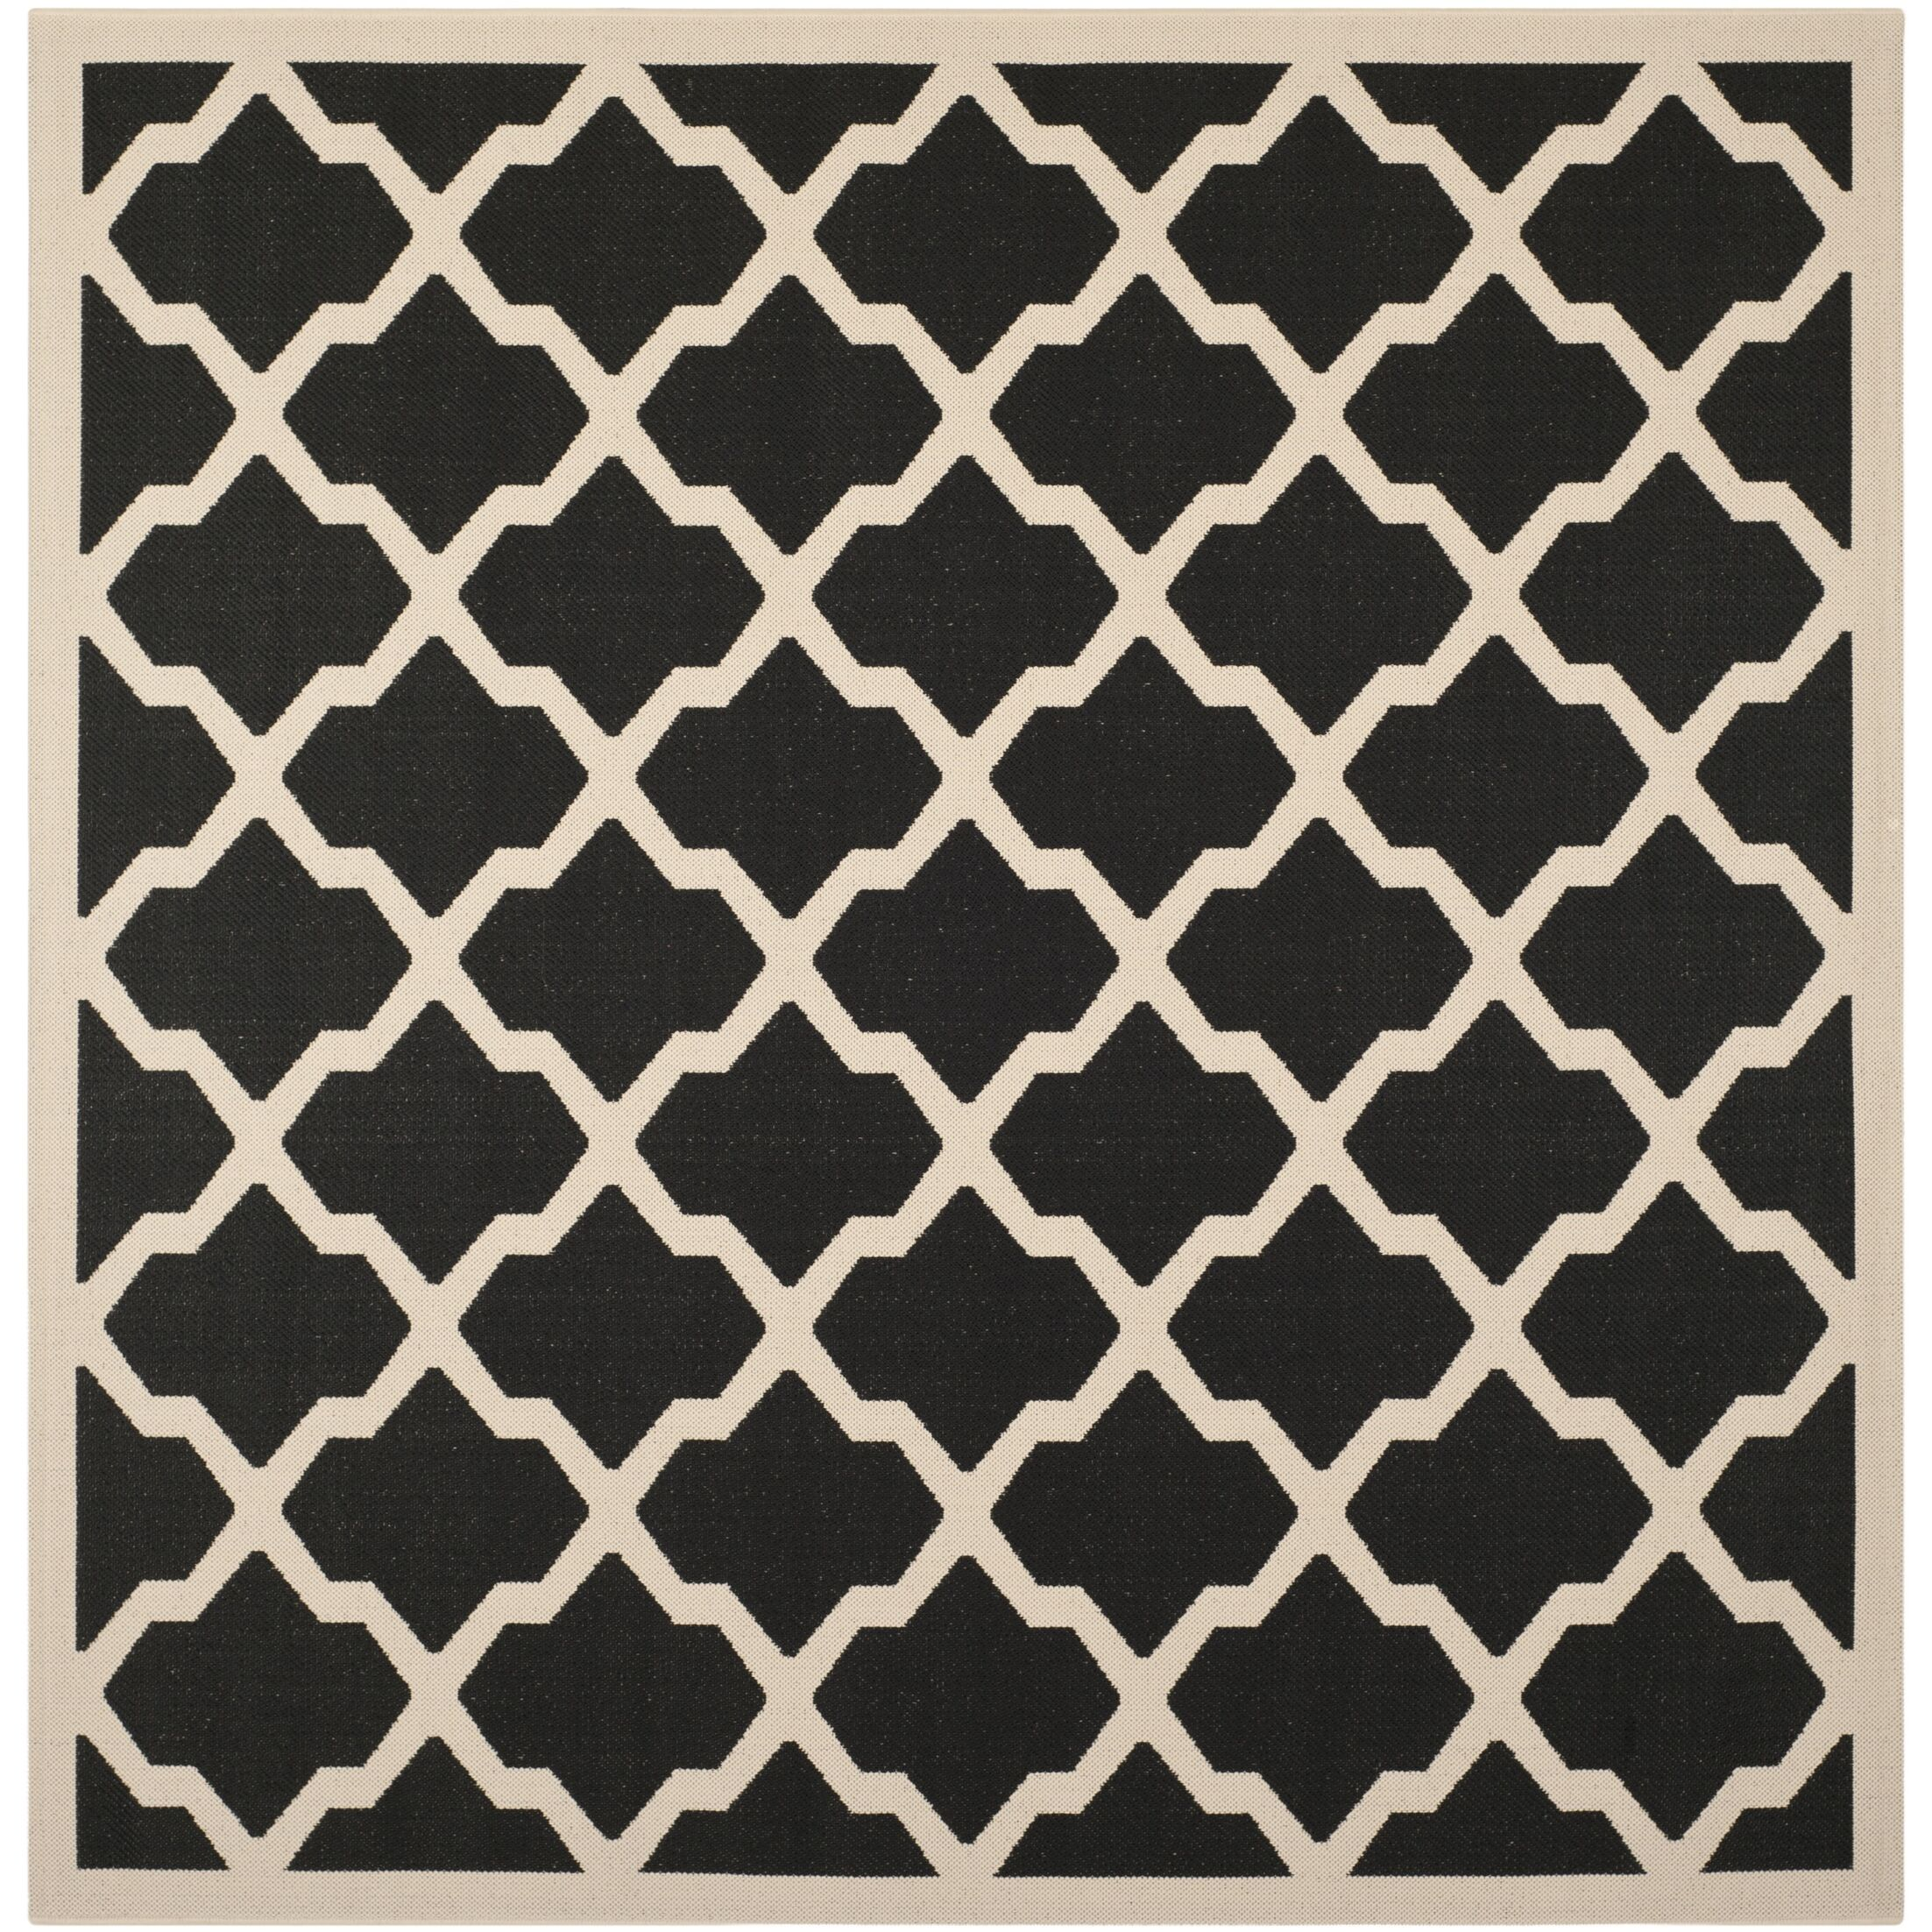 Short Black/Beige Trellis Outdoor Rug Rug Size: Square 7'10